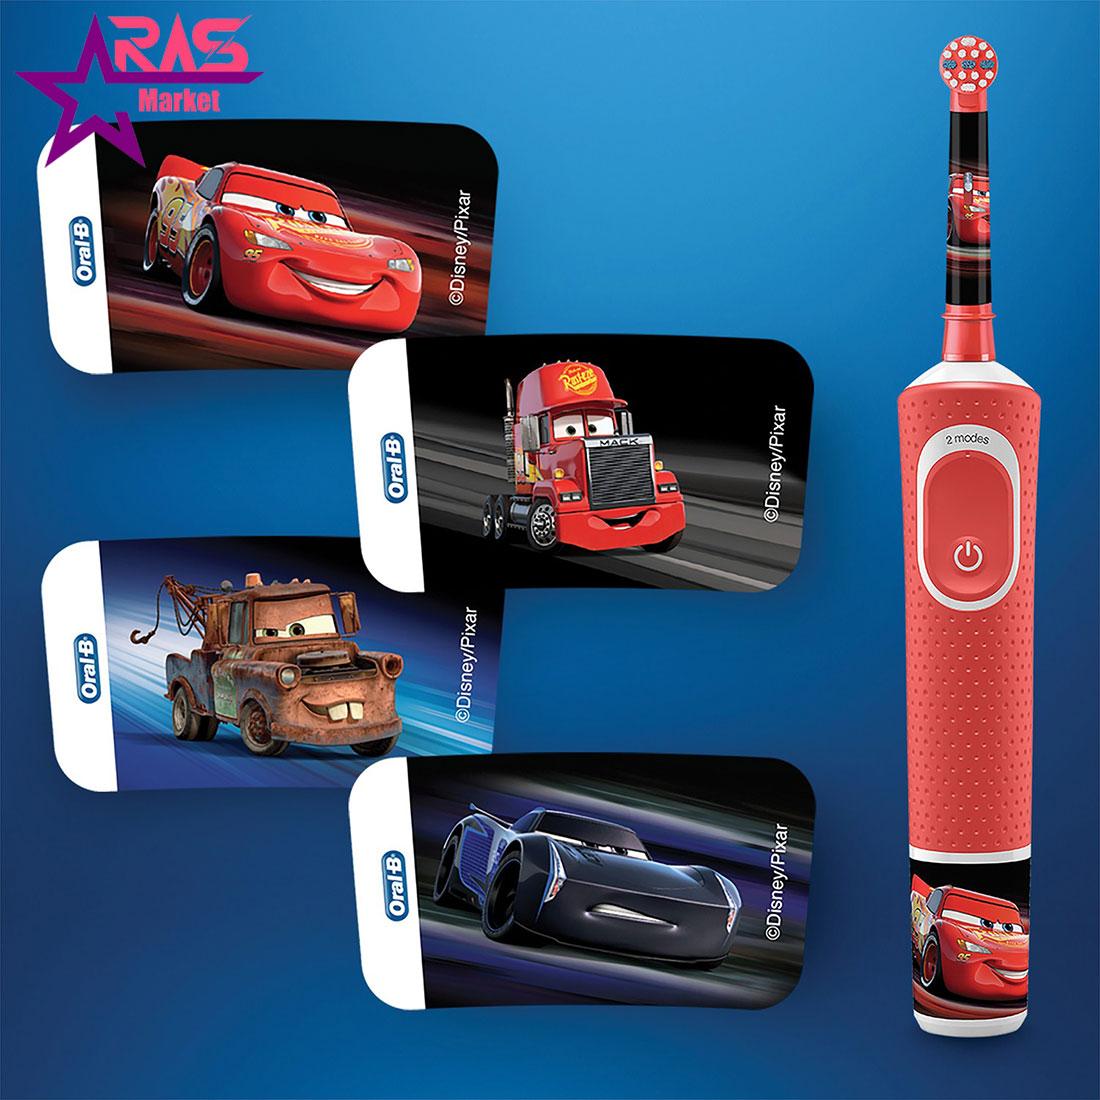 مسواک برقی کودک اورال بی مدل Cars ، فروشگاه اینترنتی ارس مارکت ، مسواک برقی بچگانه اورال بی